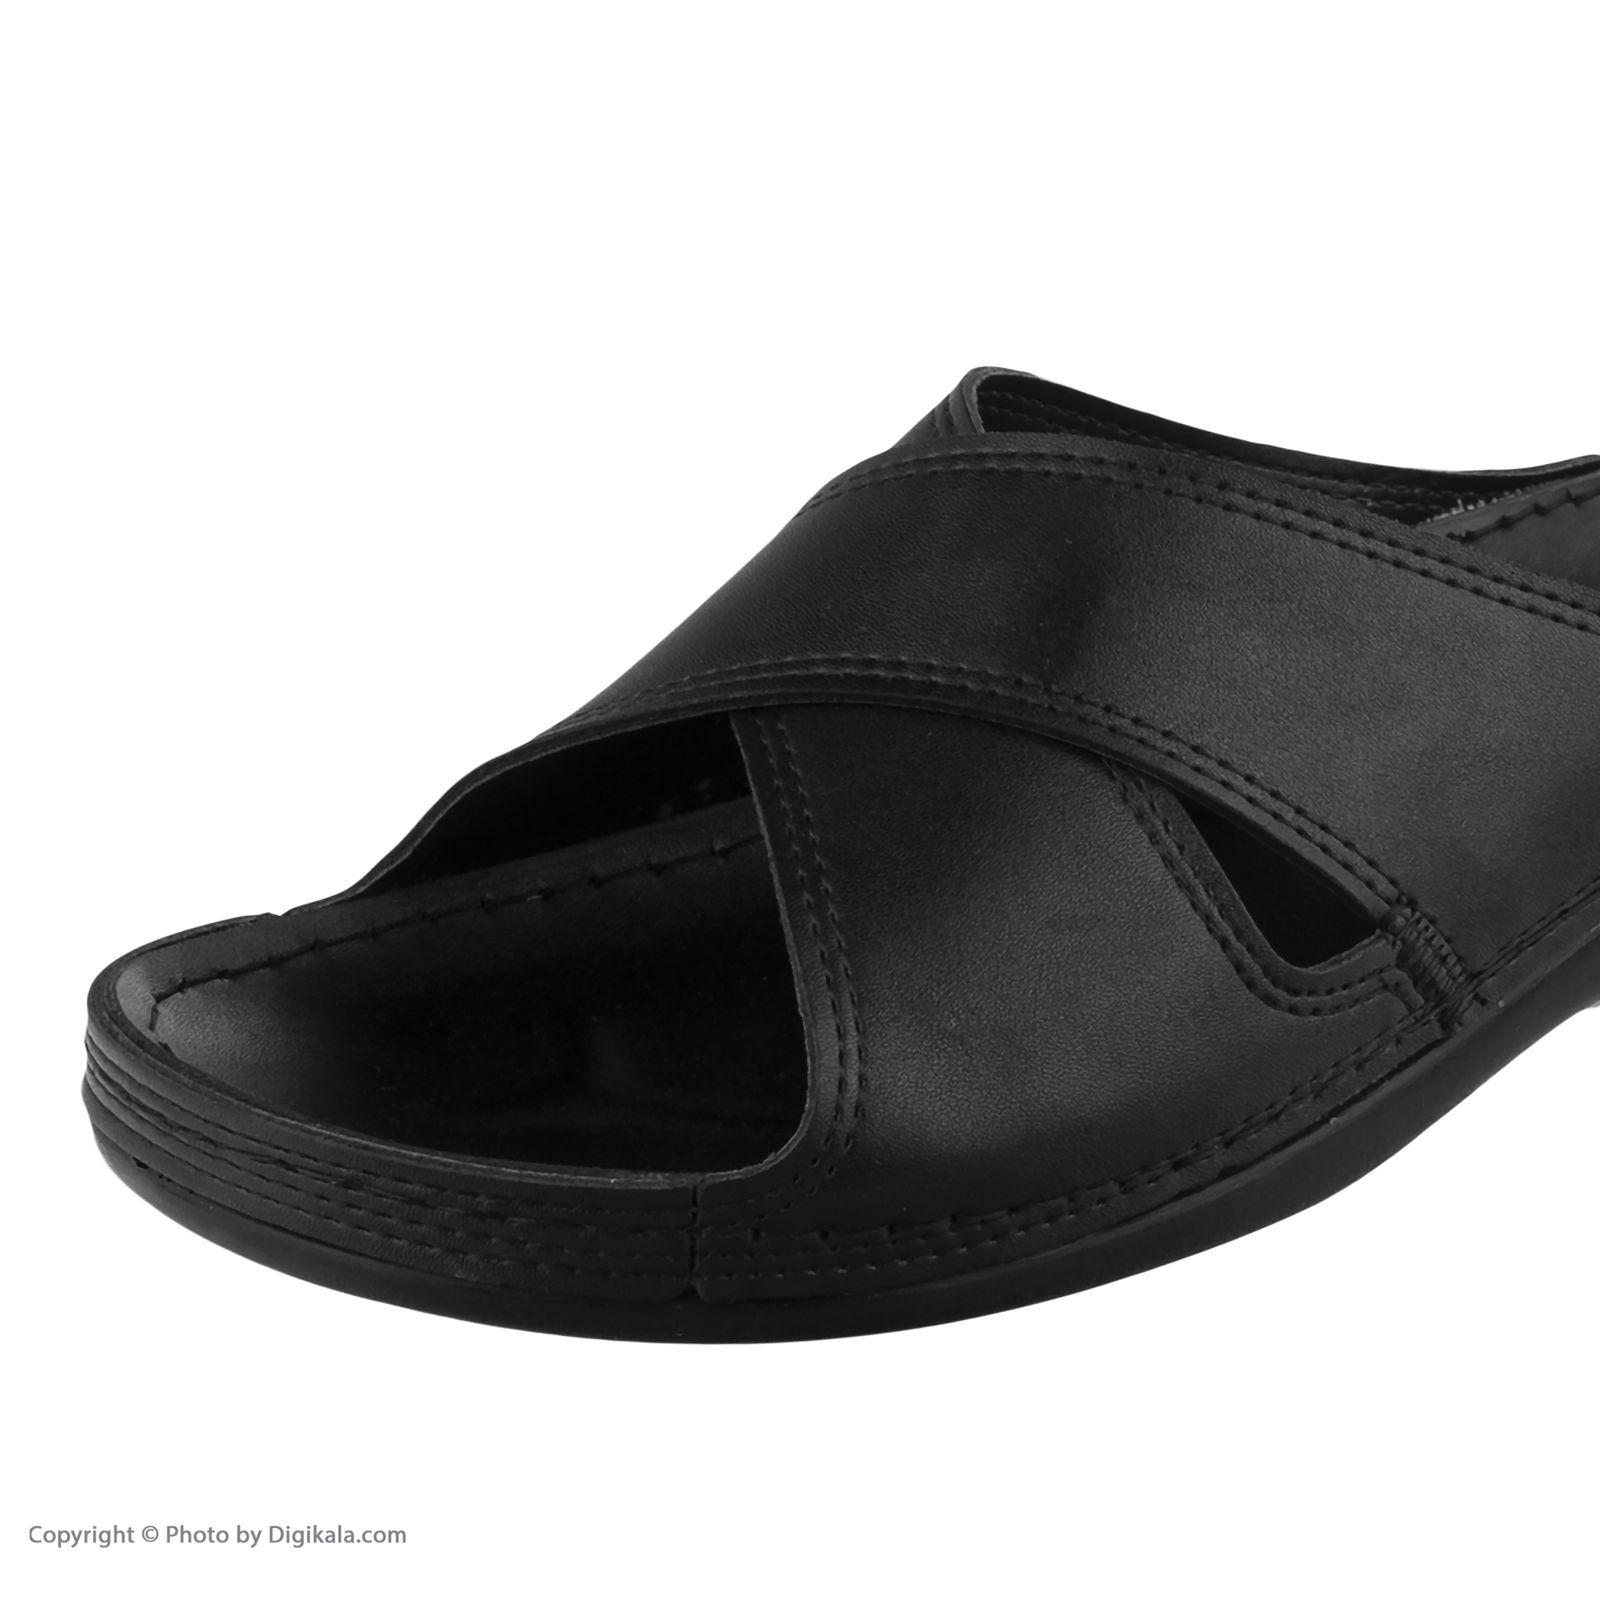 دمپایی زنانه کفش آویده کد av-0304501 رنگ مشکی -  - 5